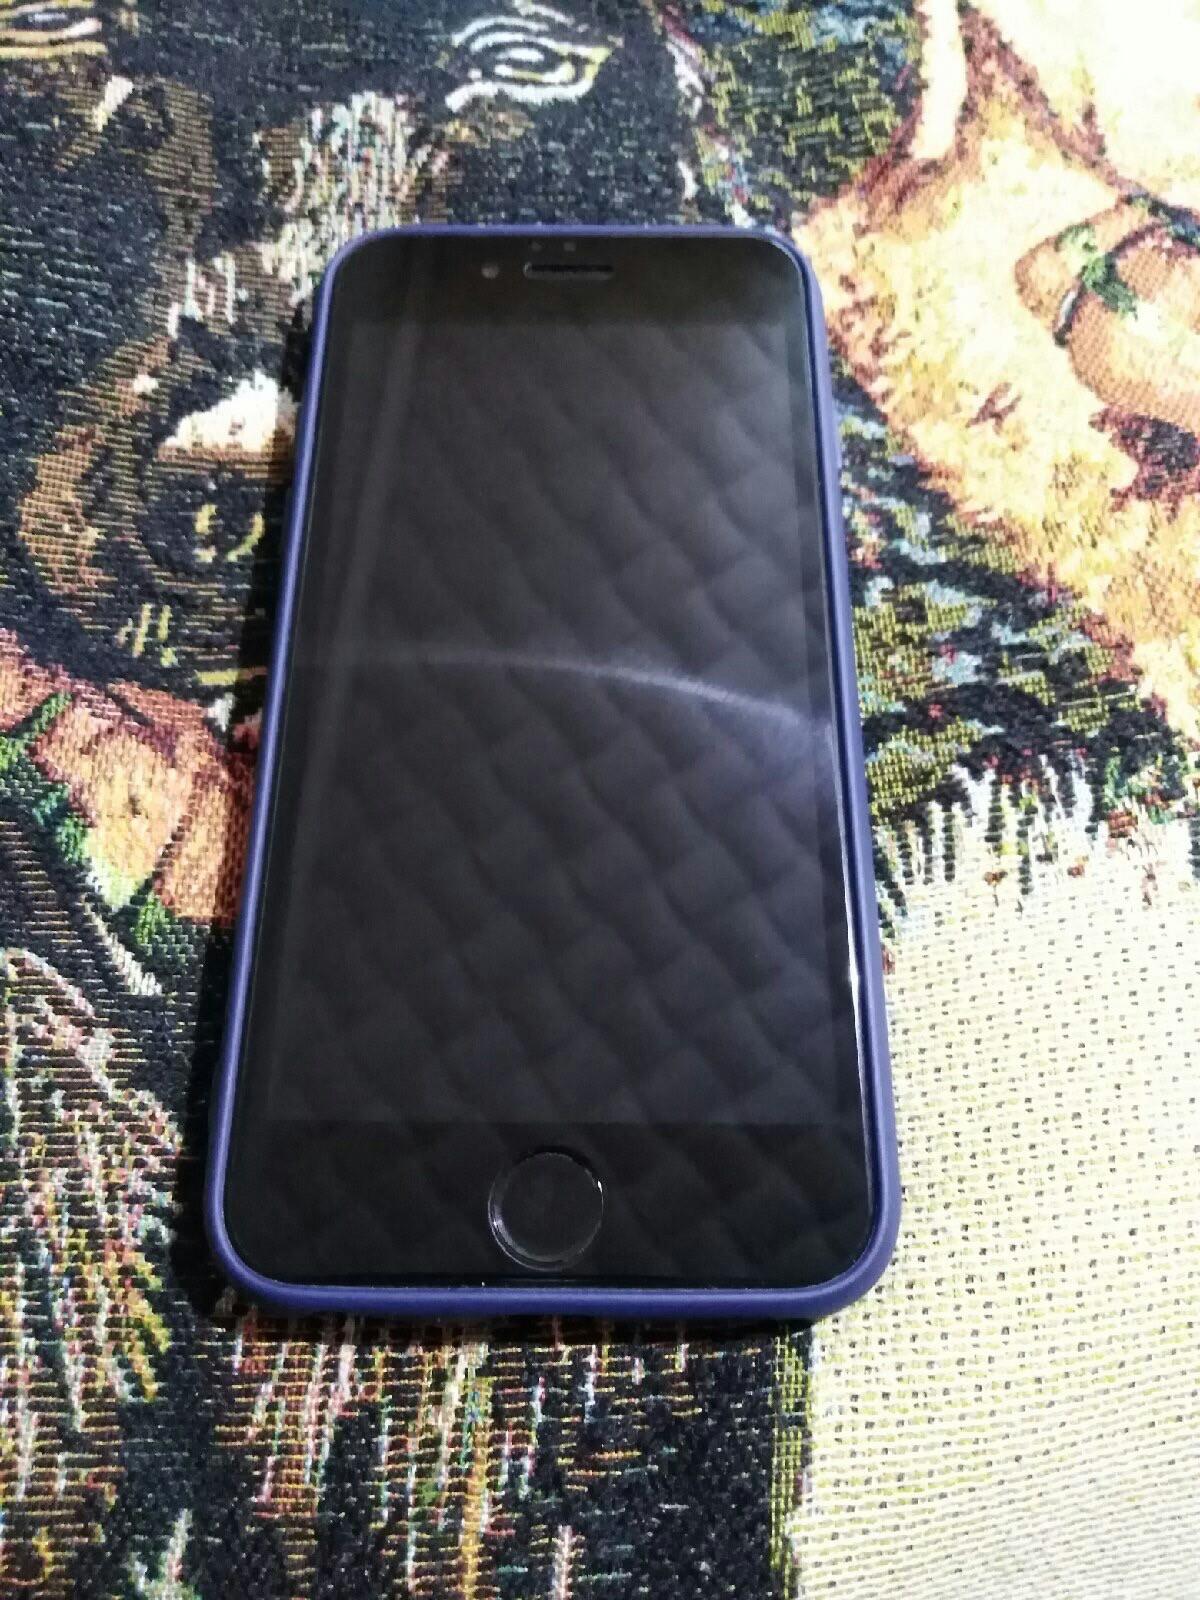 iPhone 6 s 64 гб памяти   С зарядкой , | Объявления Орска и Новотроицка №638